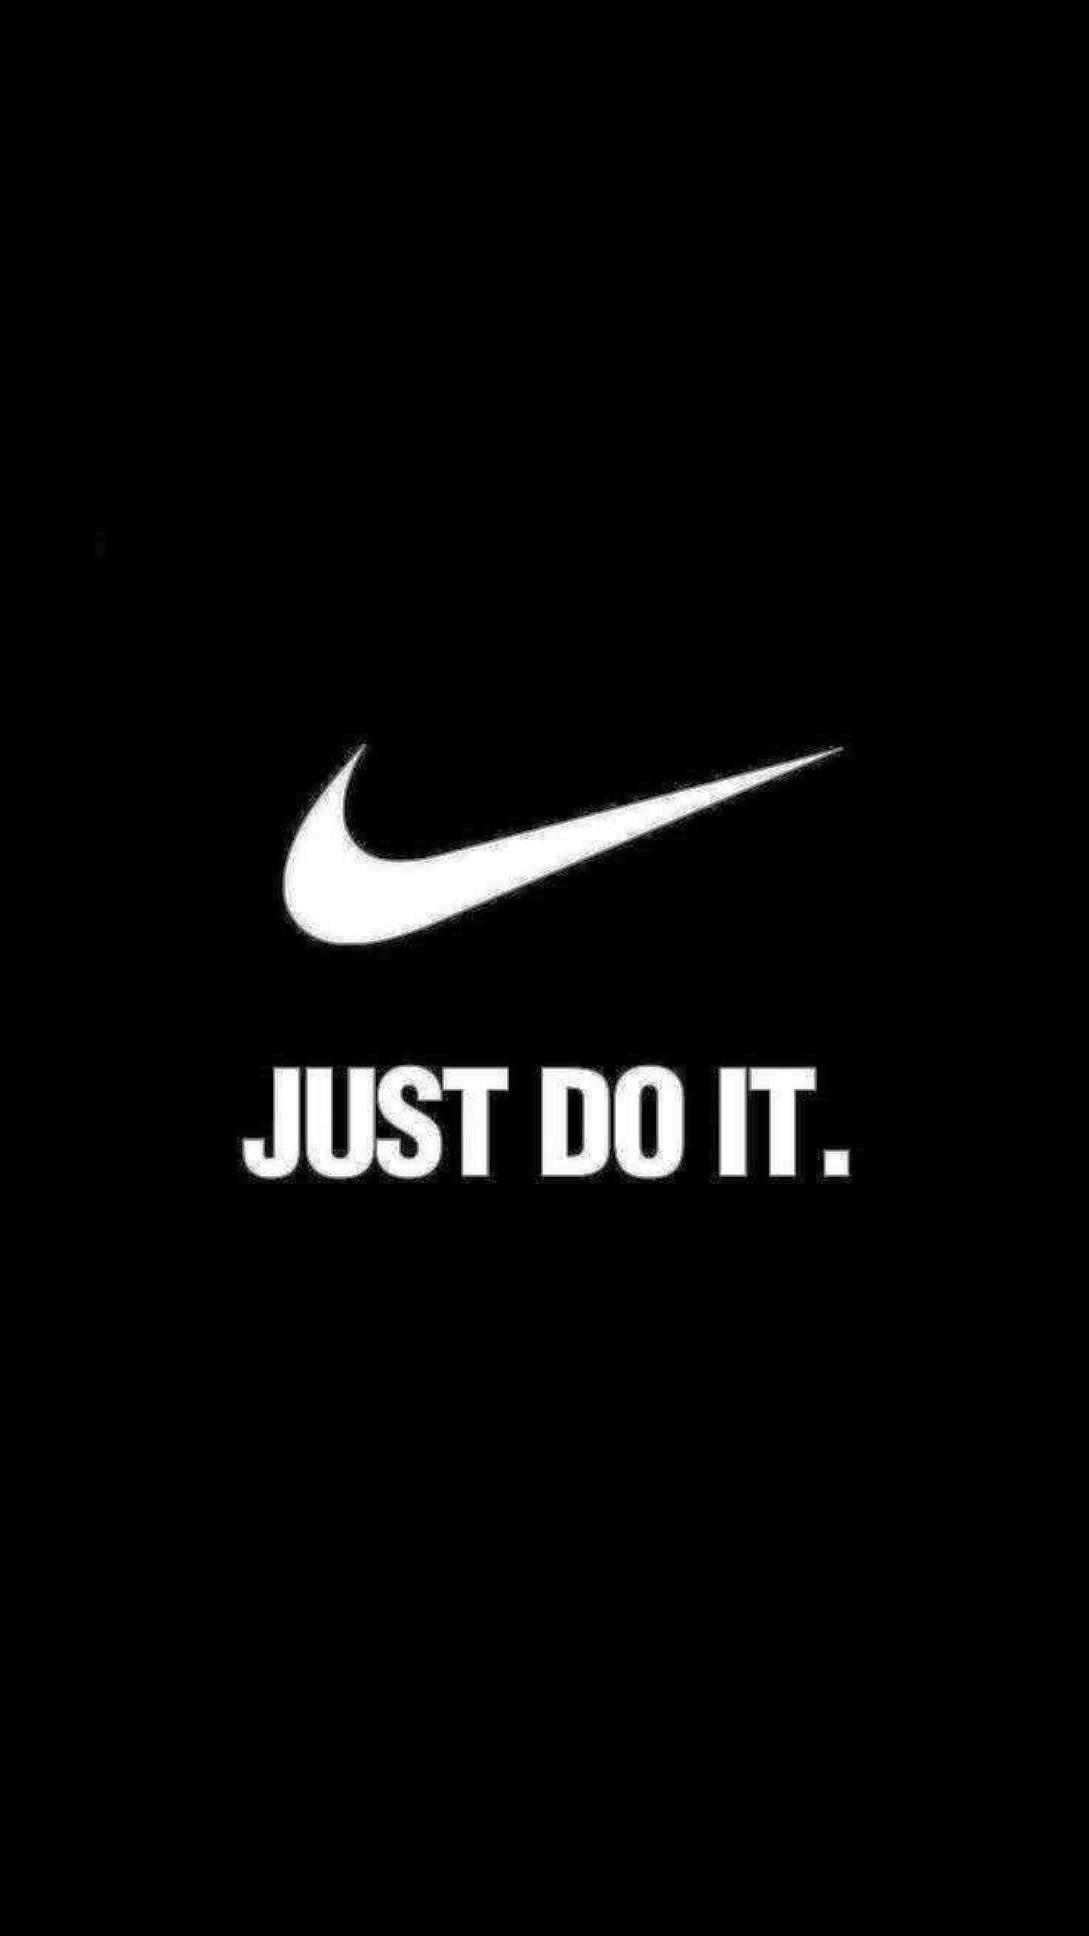 L Image De Marque De Nike Nike Et La Publicite